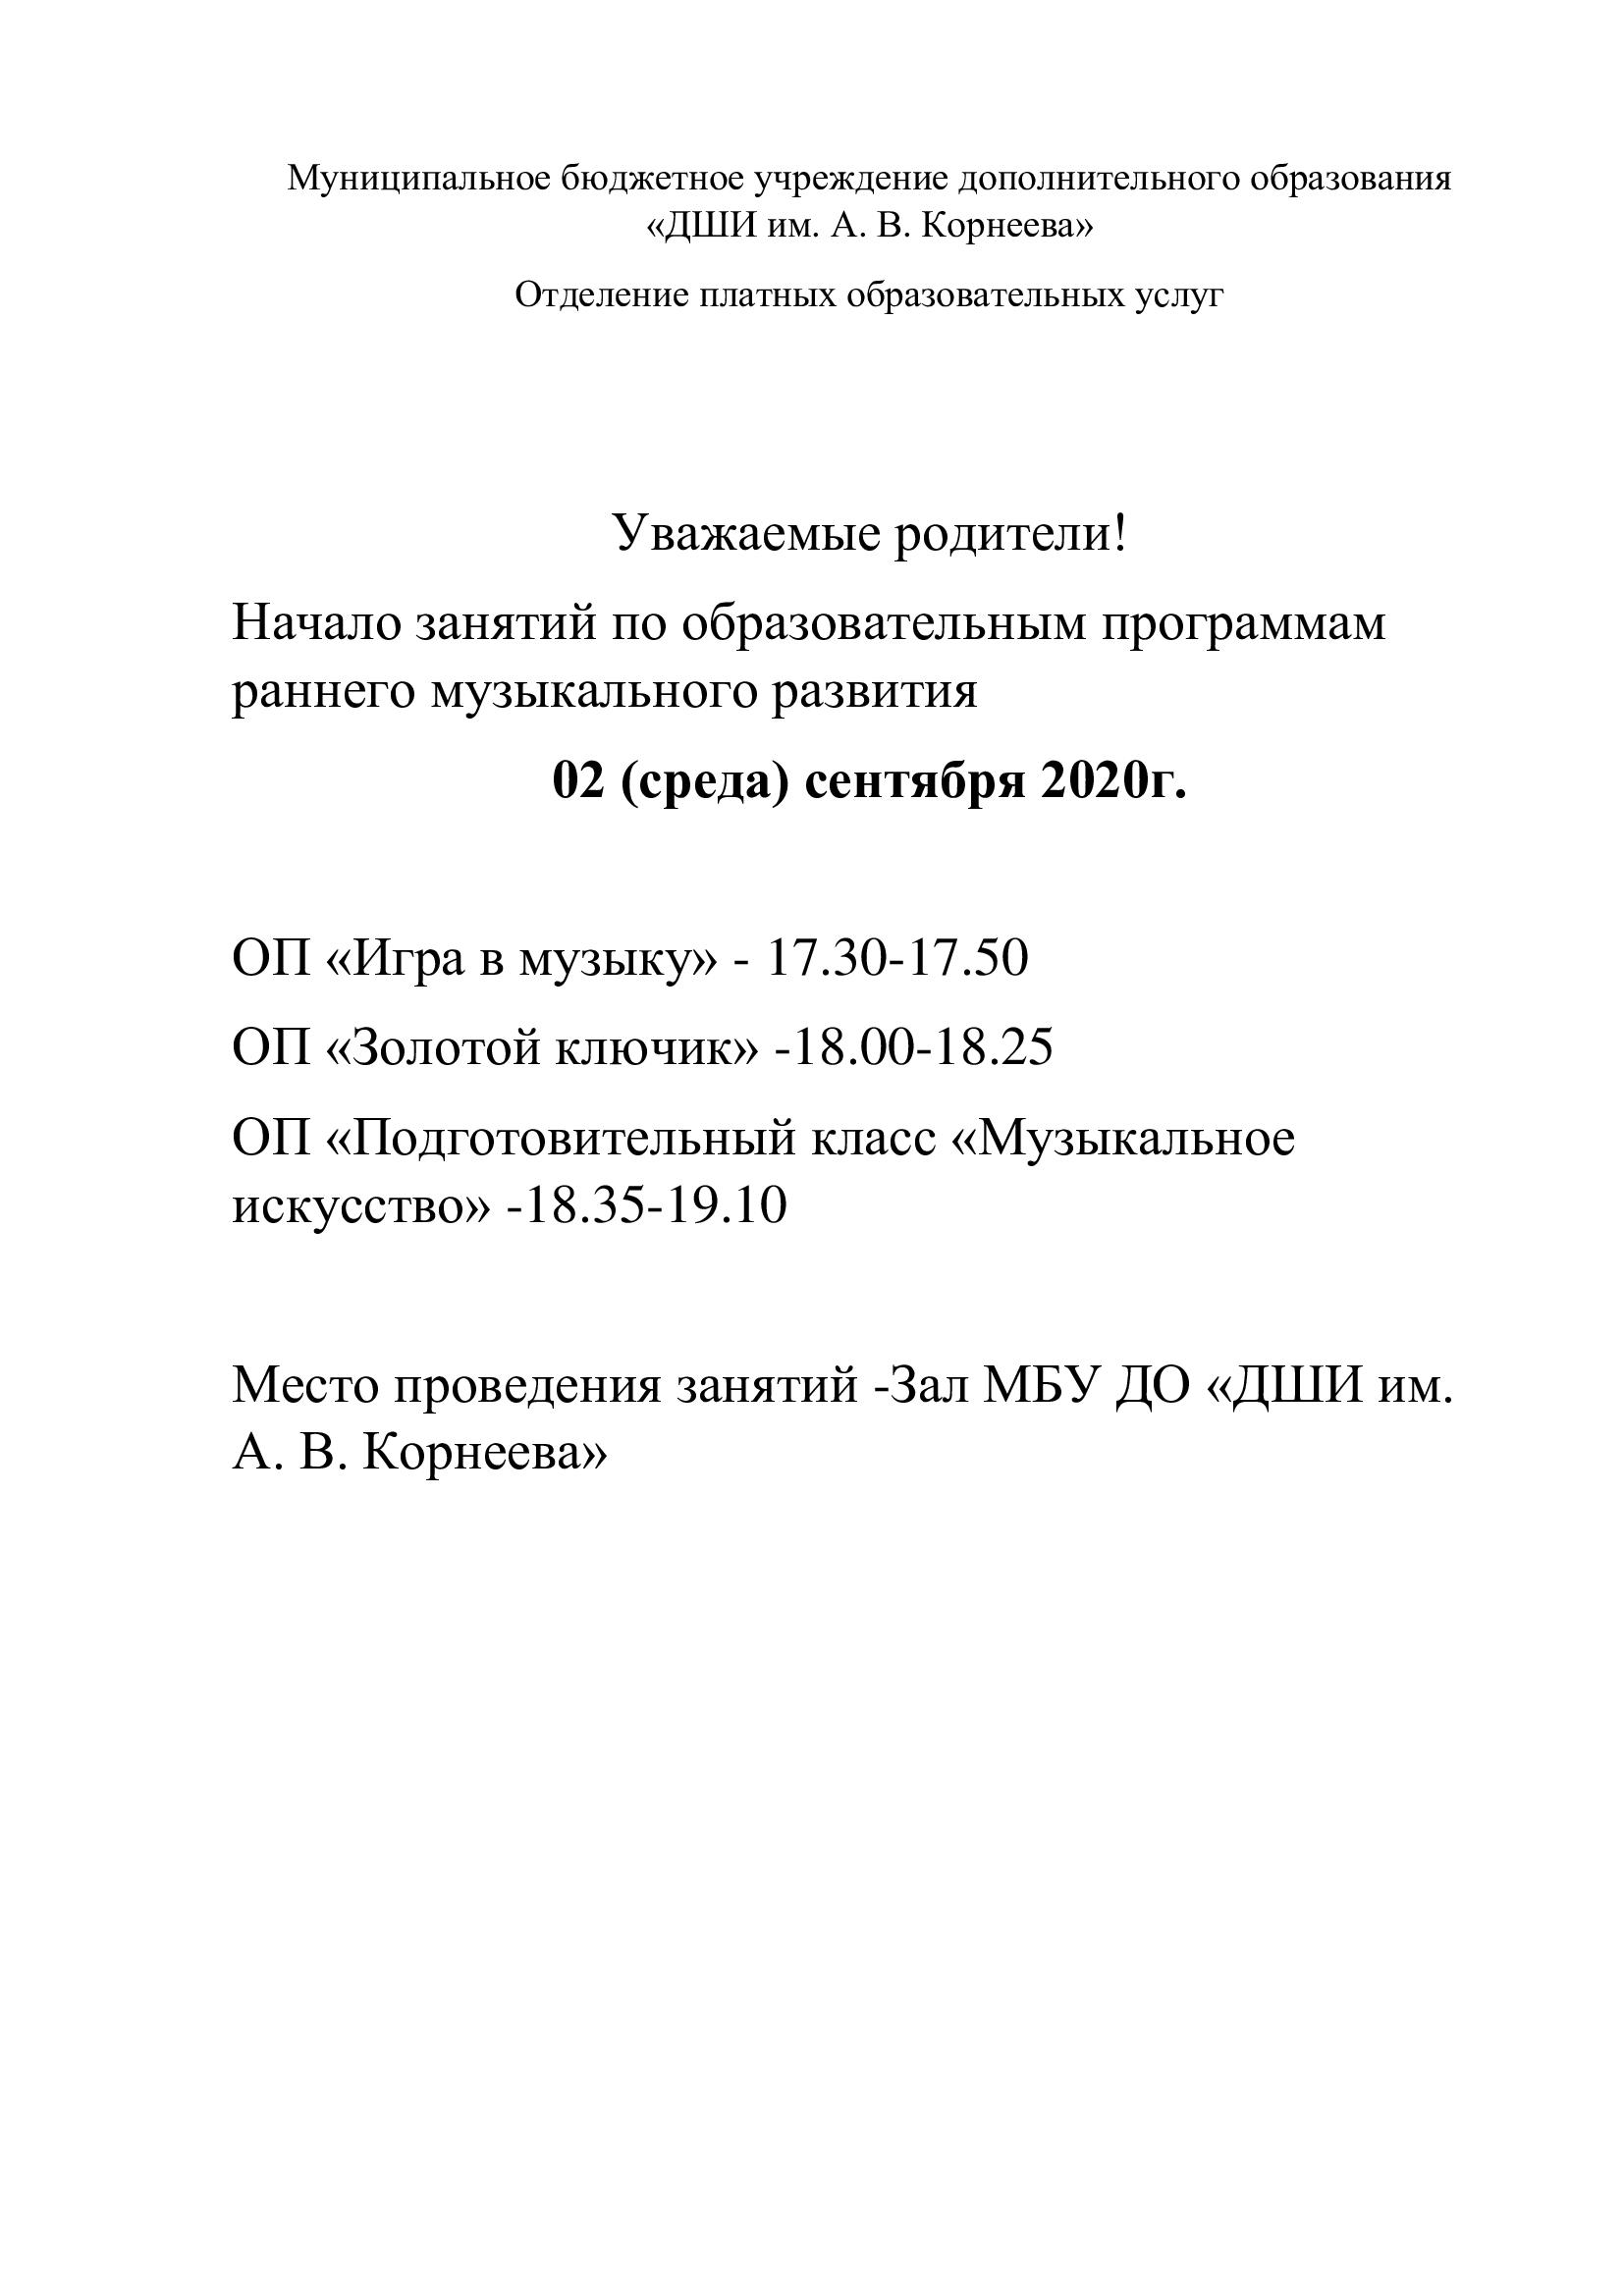 Сайт-1